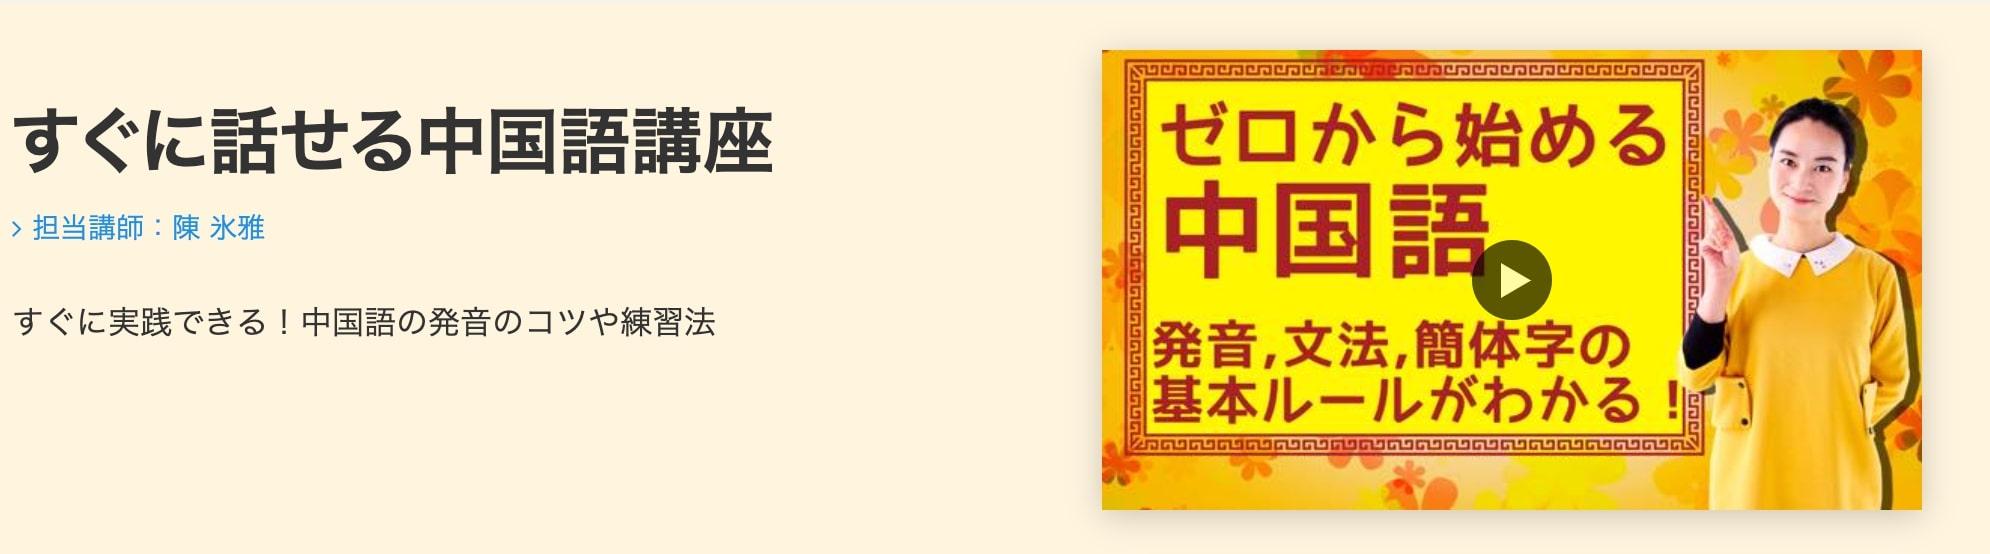 オンスク|すぐ話せる中国語